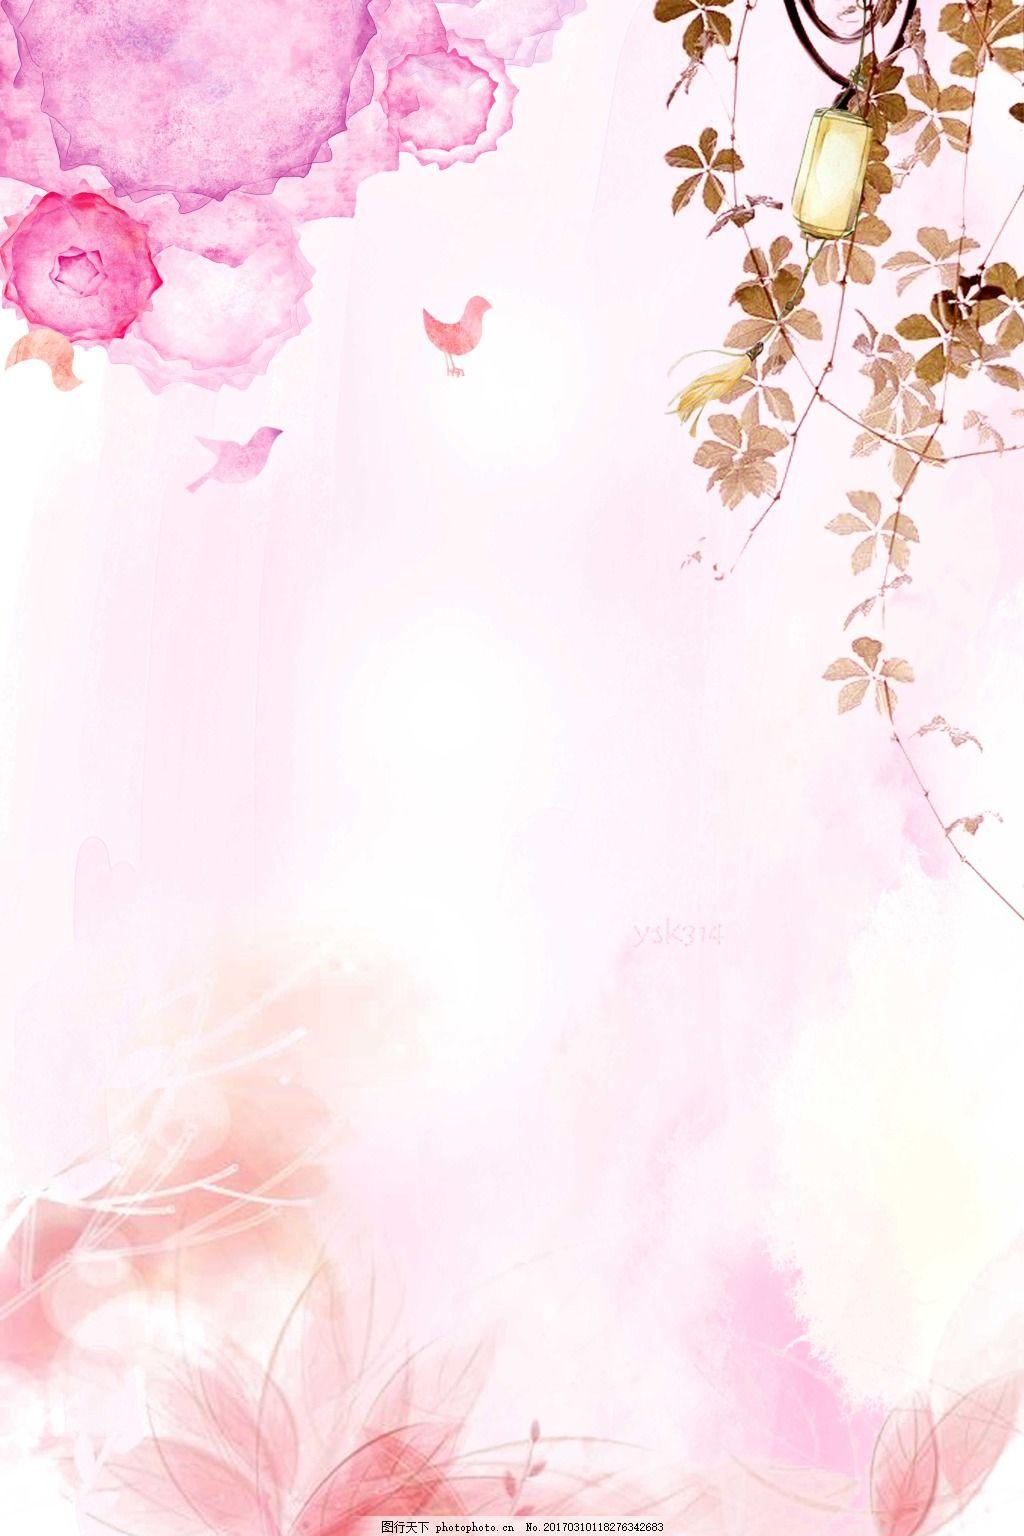 春季主题海报背景2 水彩 墨迹喷溅 文艺清新 唯美日系元素 水彩晕染